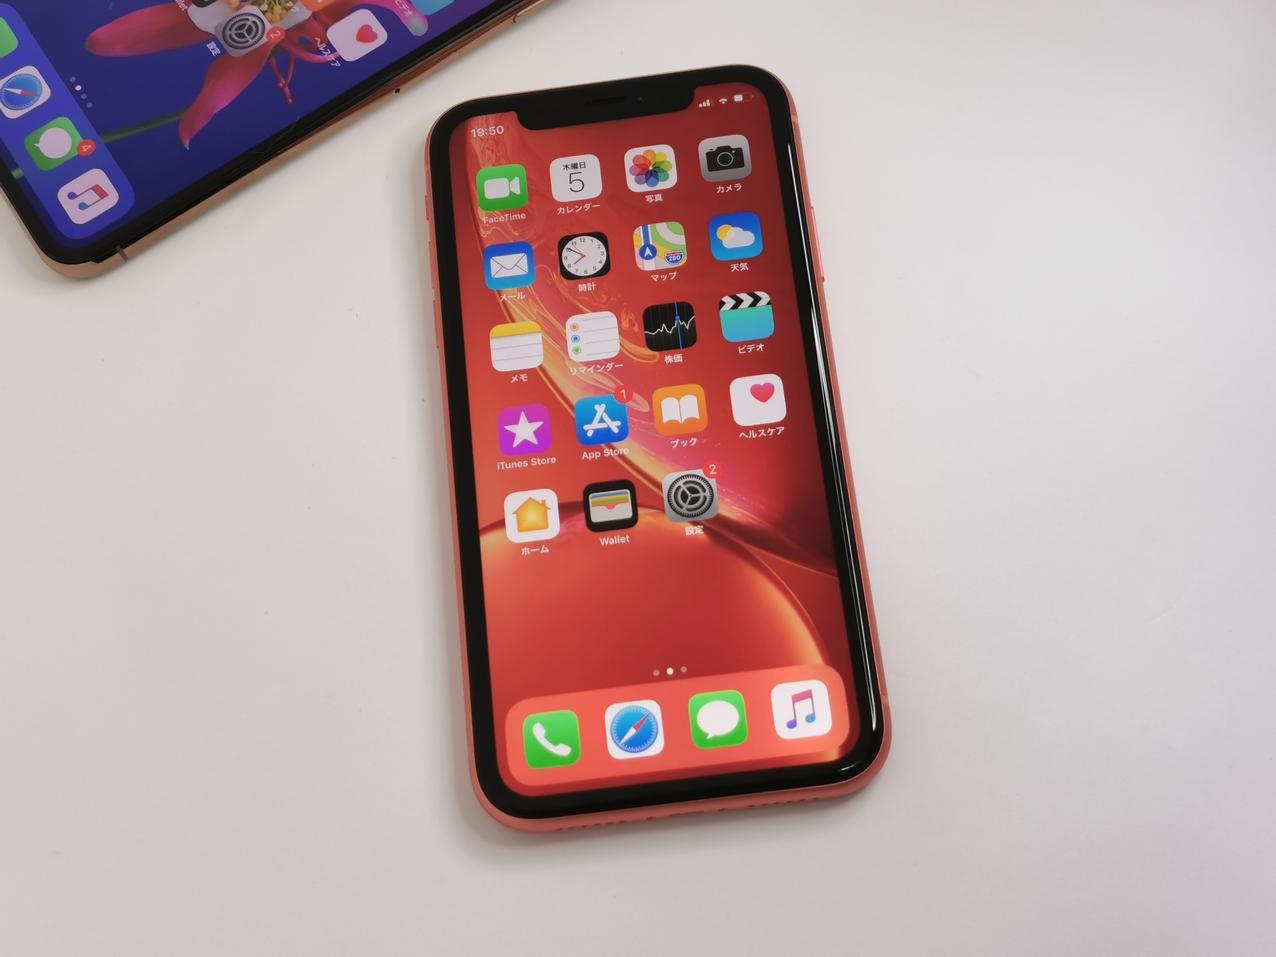 ドコモ、iPhone 8とiPhone XRを大幅値下げ!一括6万円台からとコストパフォーマンスの良さを感じる価格へと割引